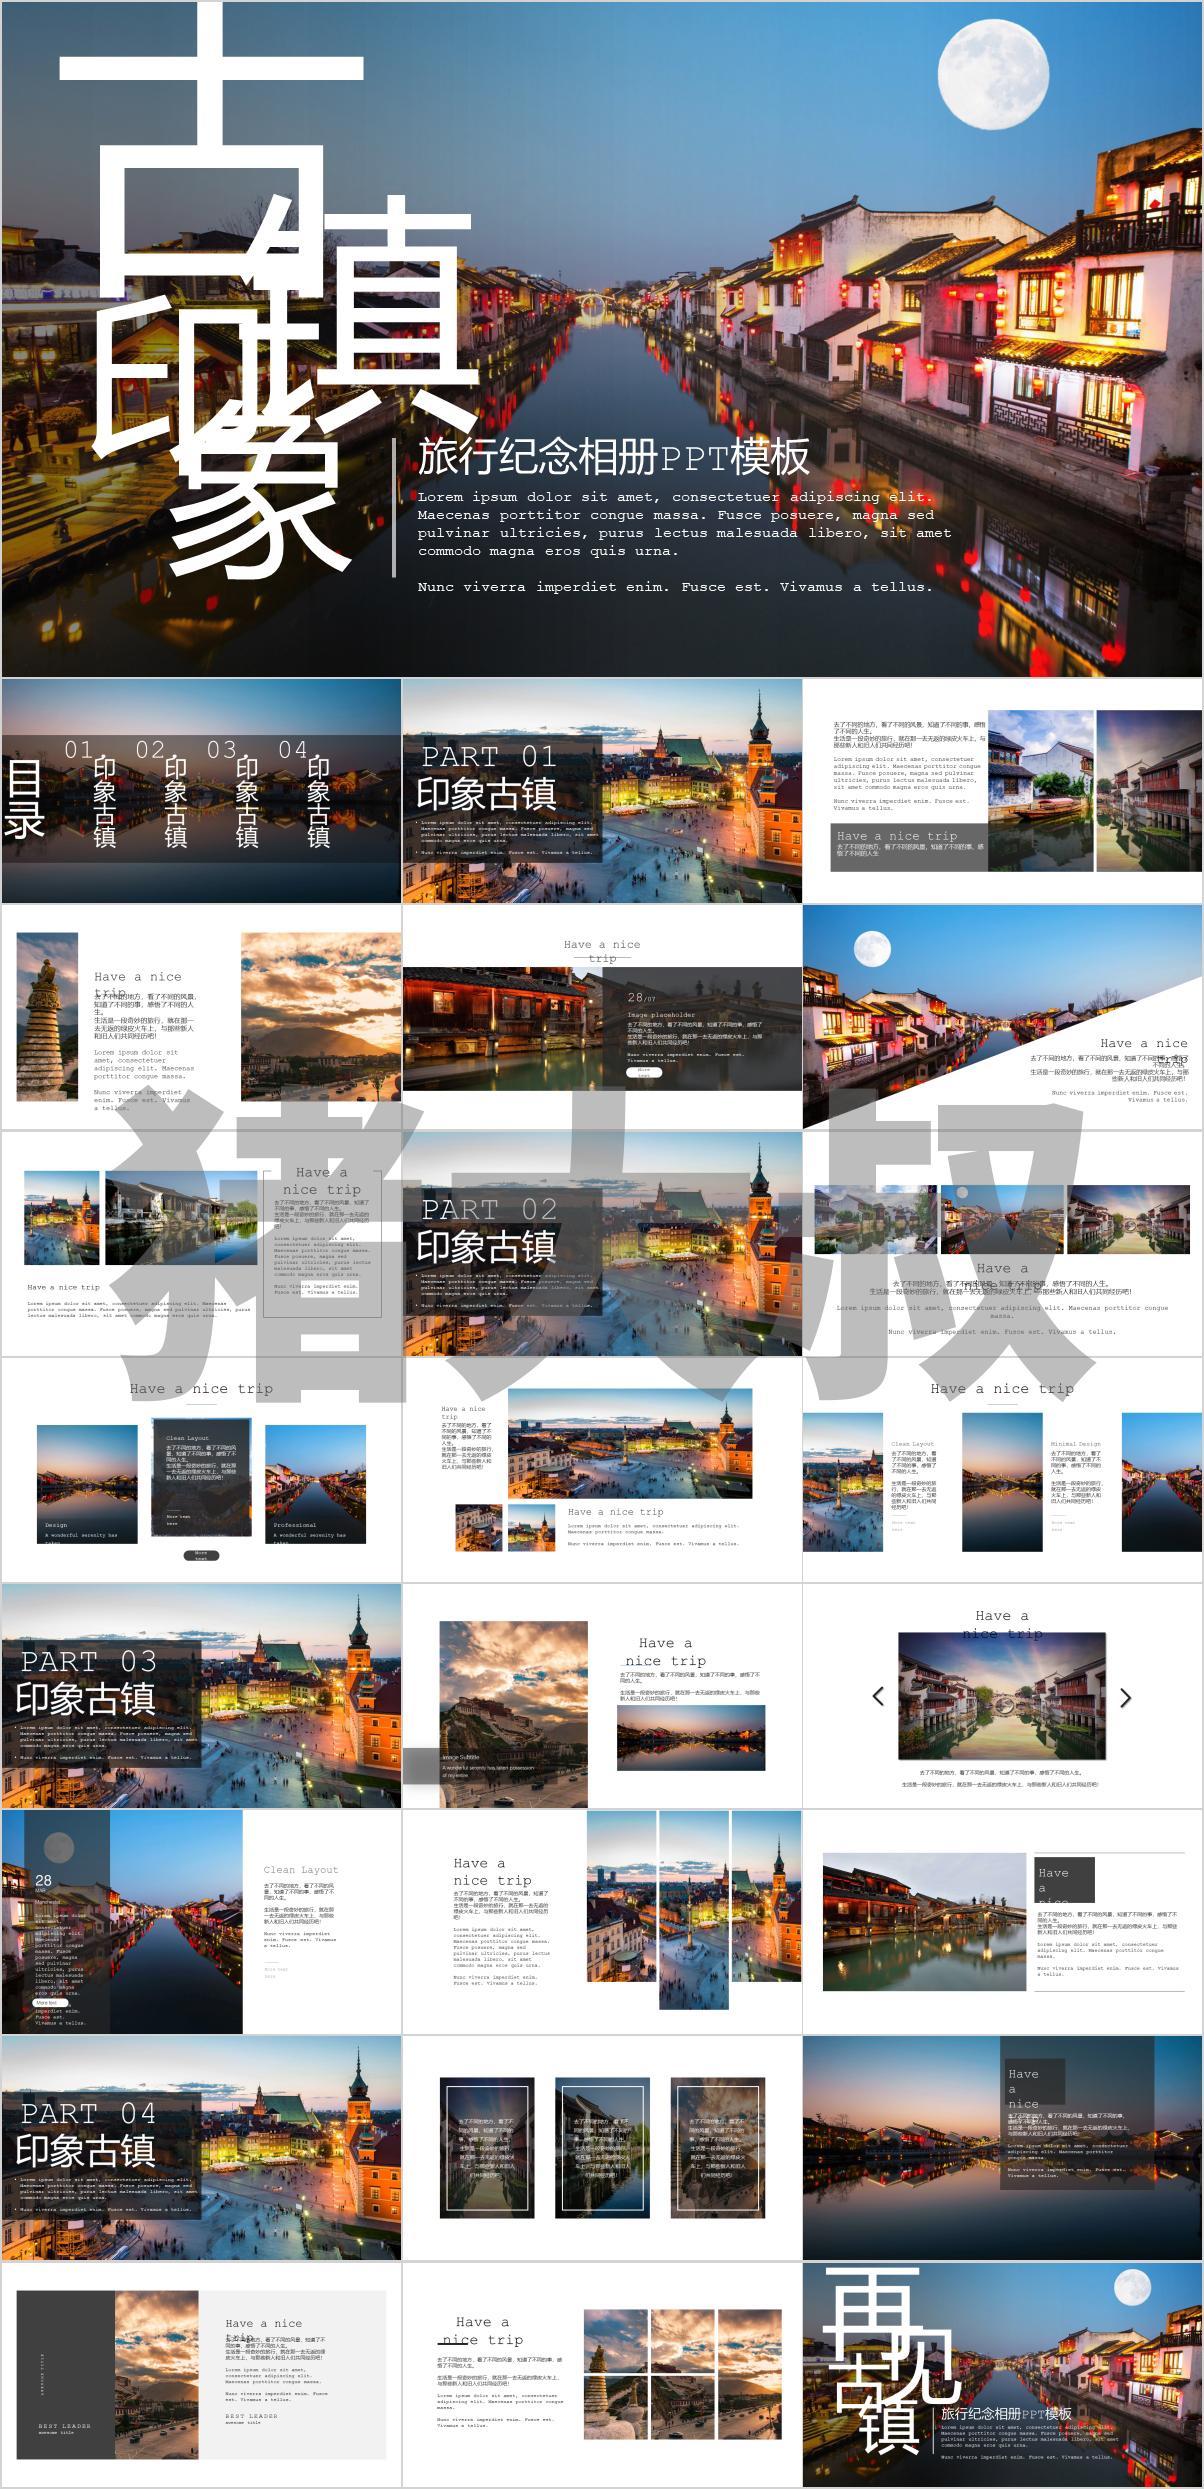 旅行纪念相册PPT模板下载